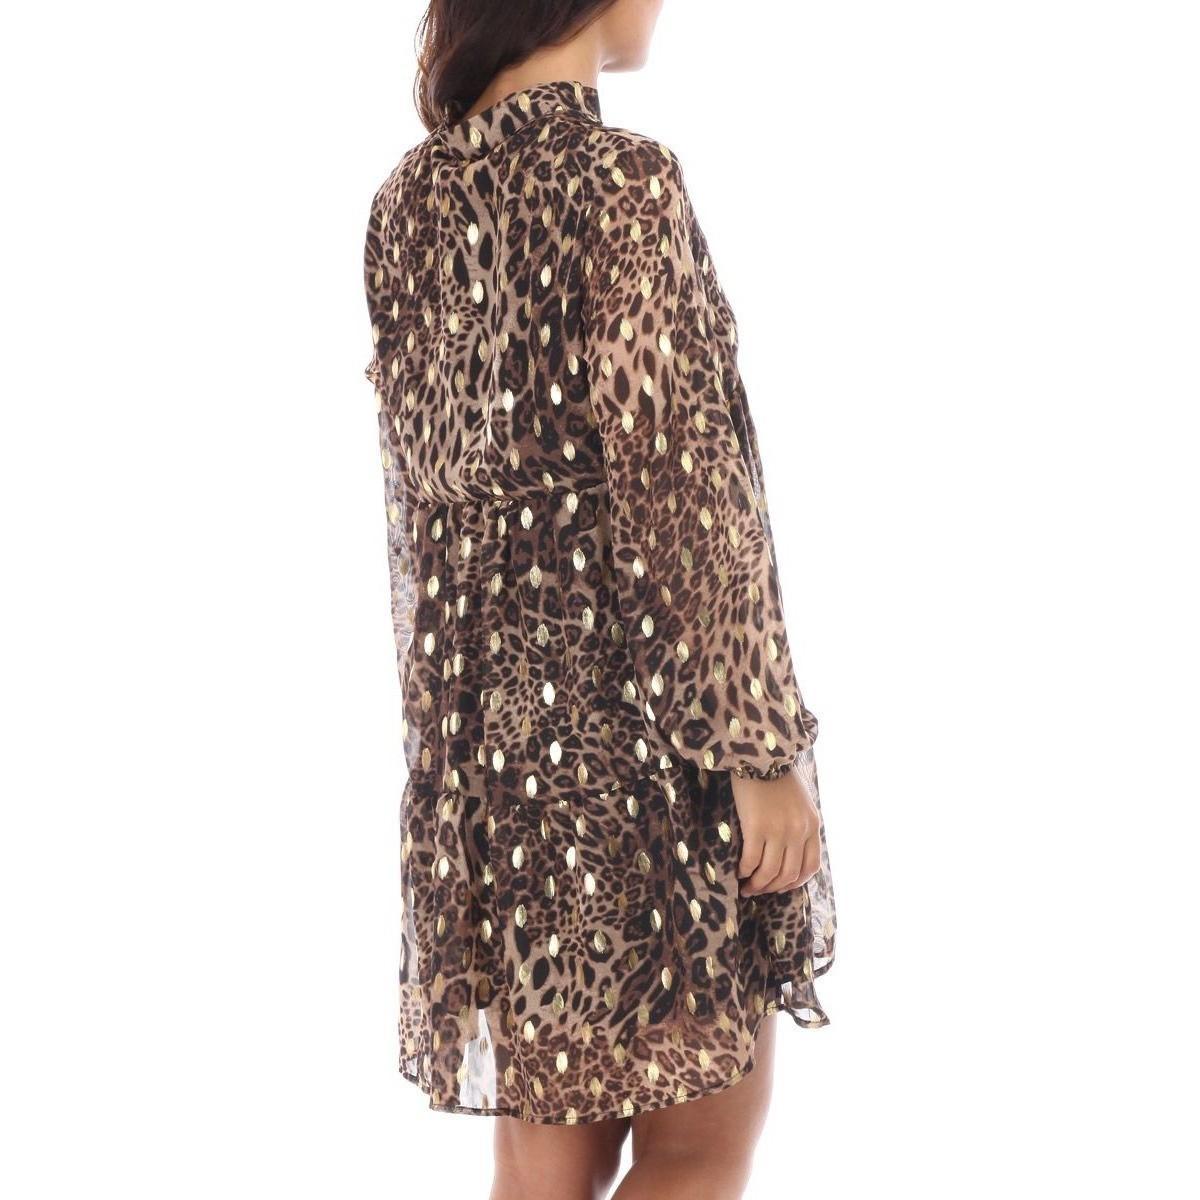 Robe à imprimé léopard et taches dorées Robe La Modeuse en coloris Marron